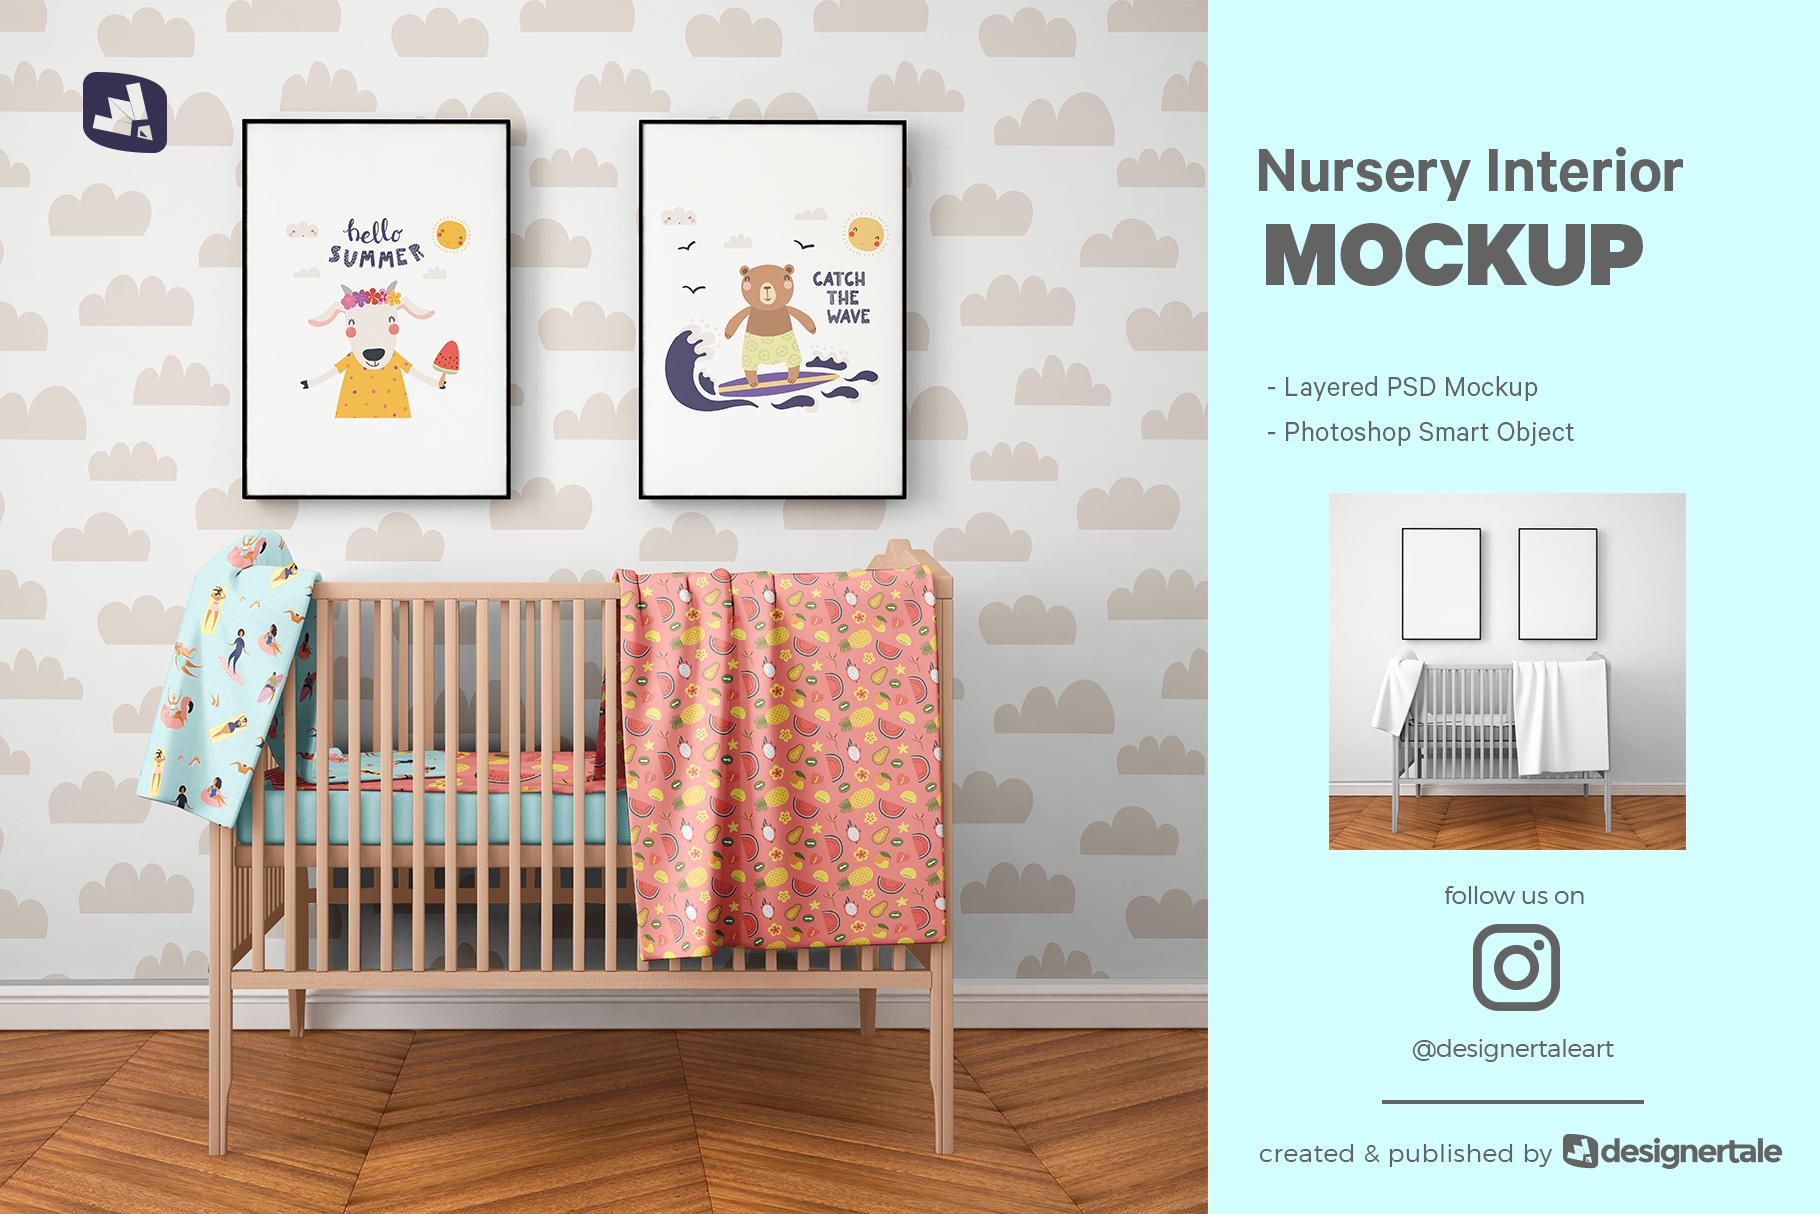 nursery interior mockup